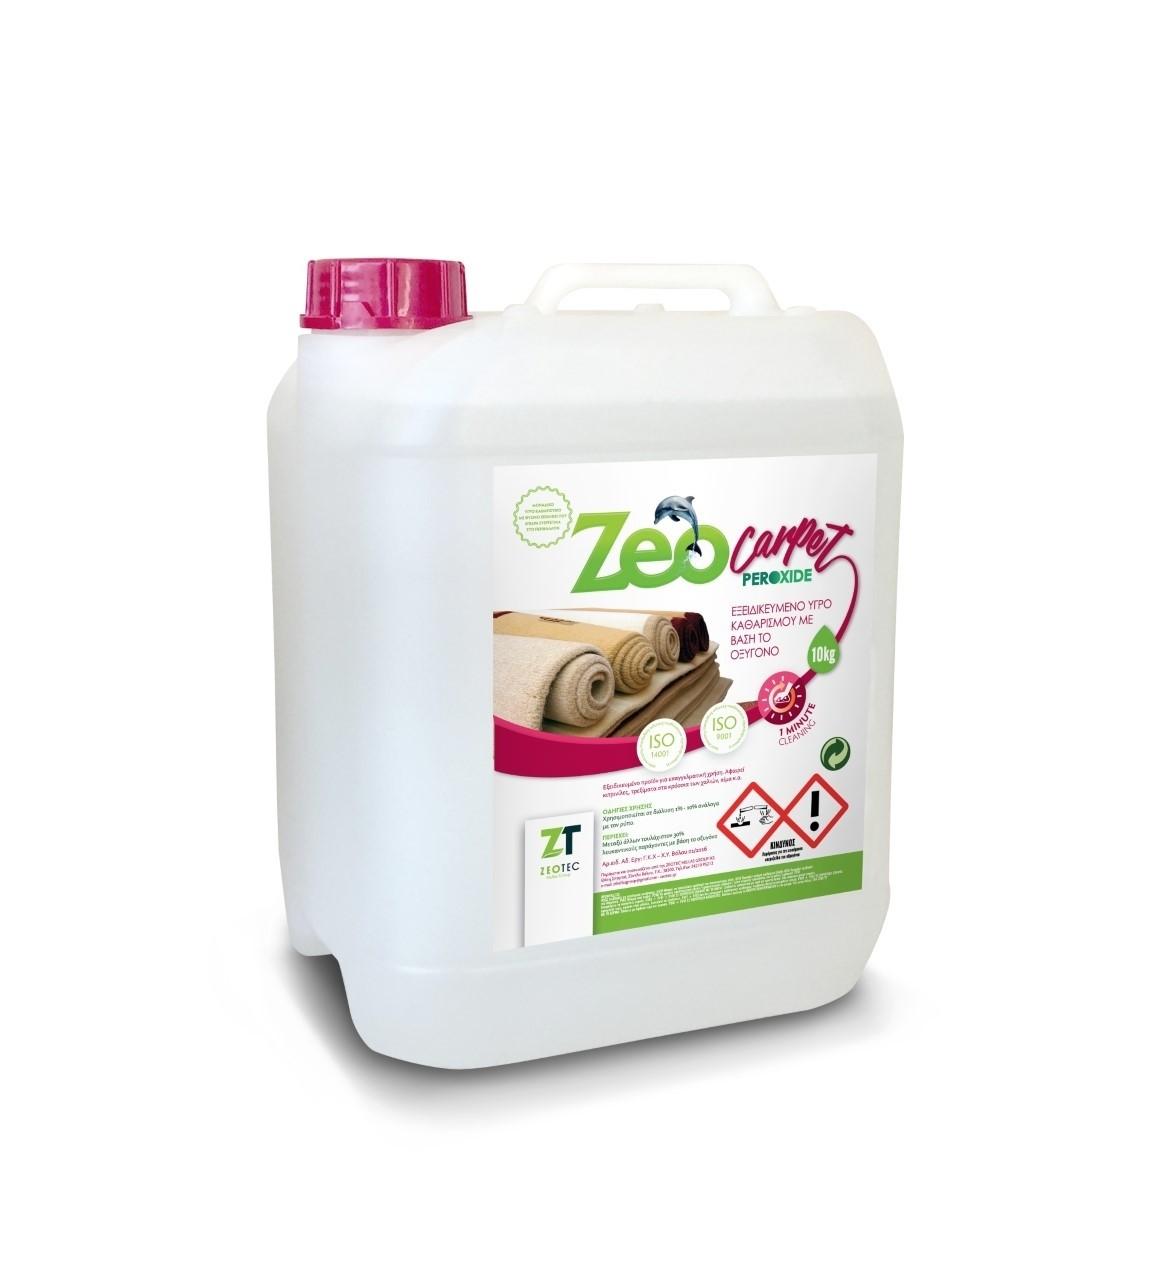 Zeo carpet Peroxide - Ενισχυτικό υγρό πλυντηρίου με ενεργό οξυγόνο 10lt